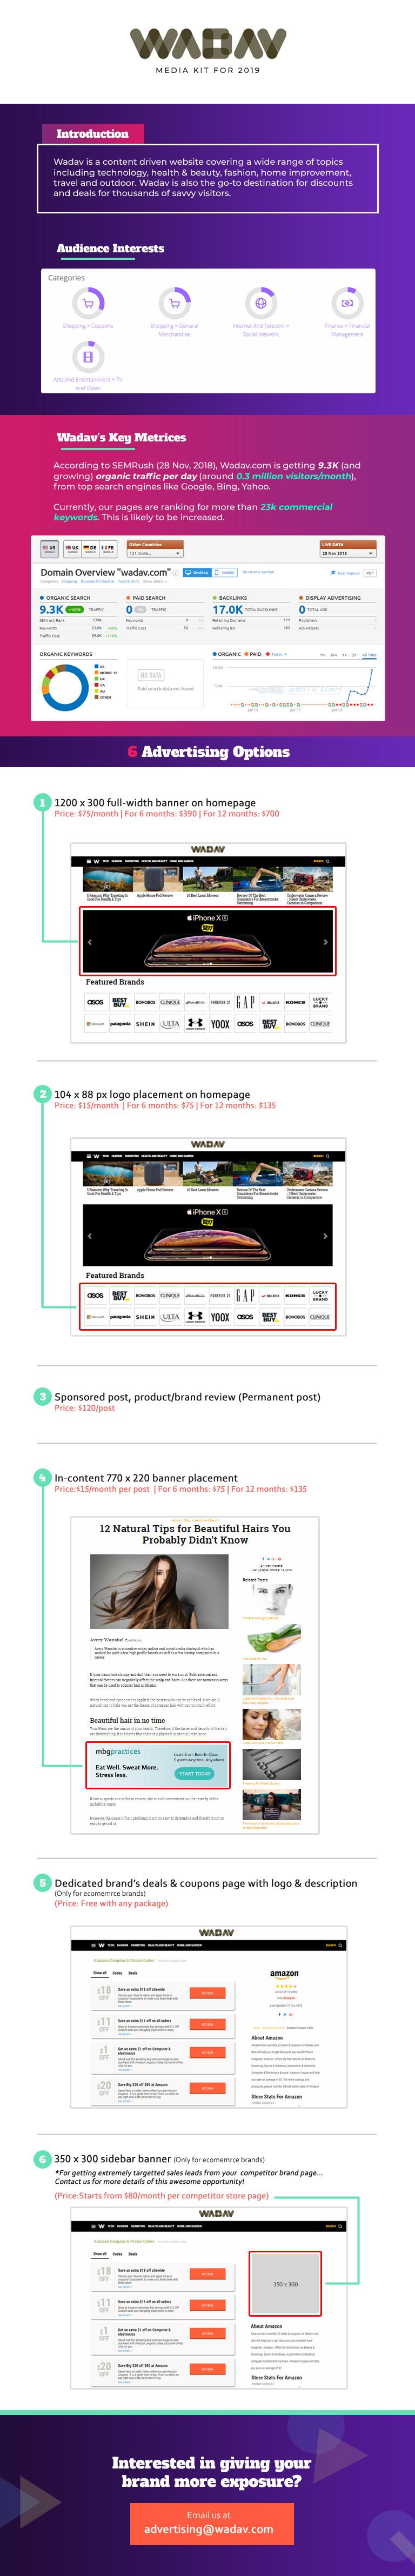 Media Kit Wadav.com